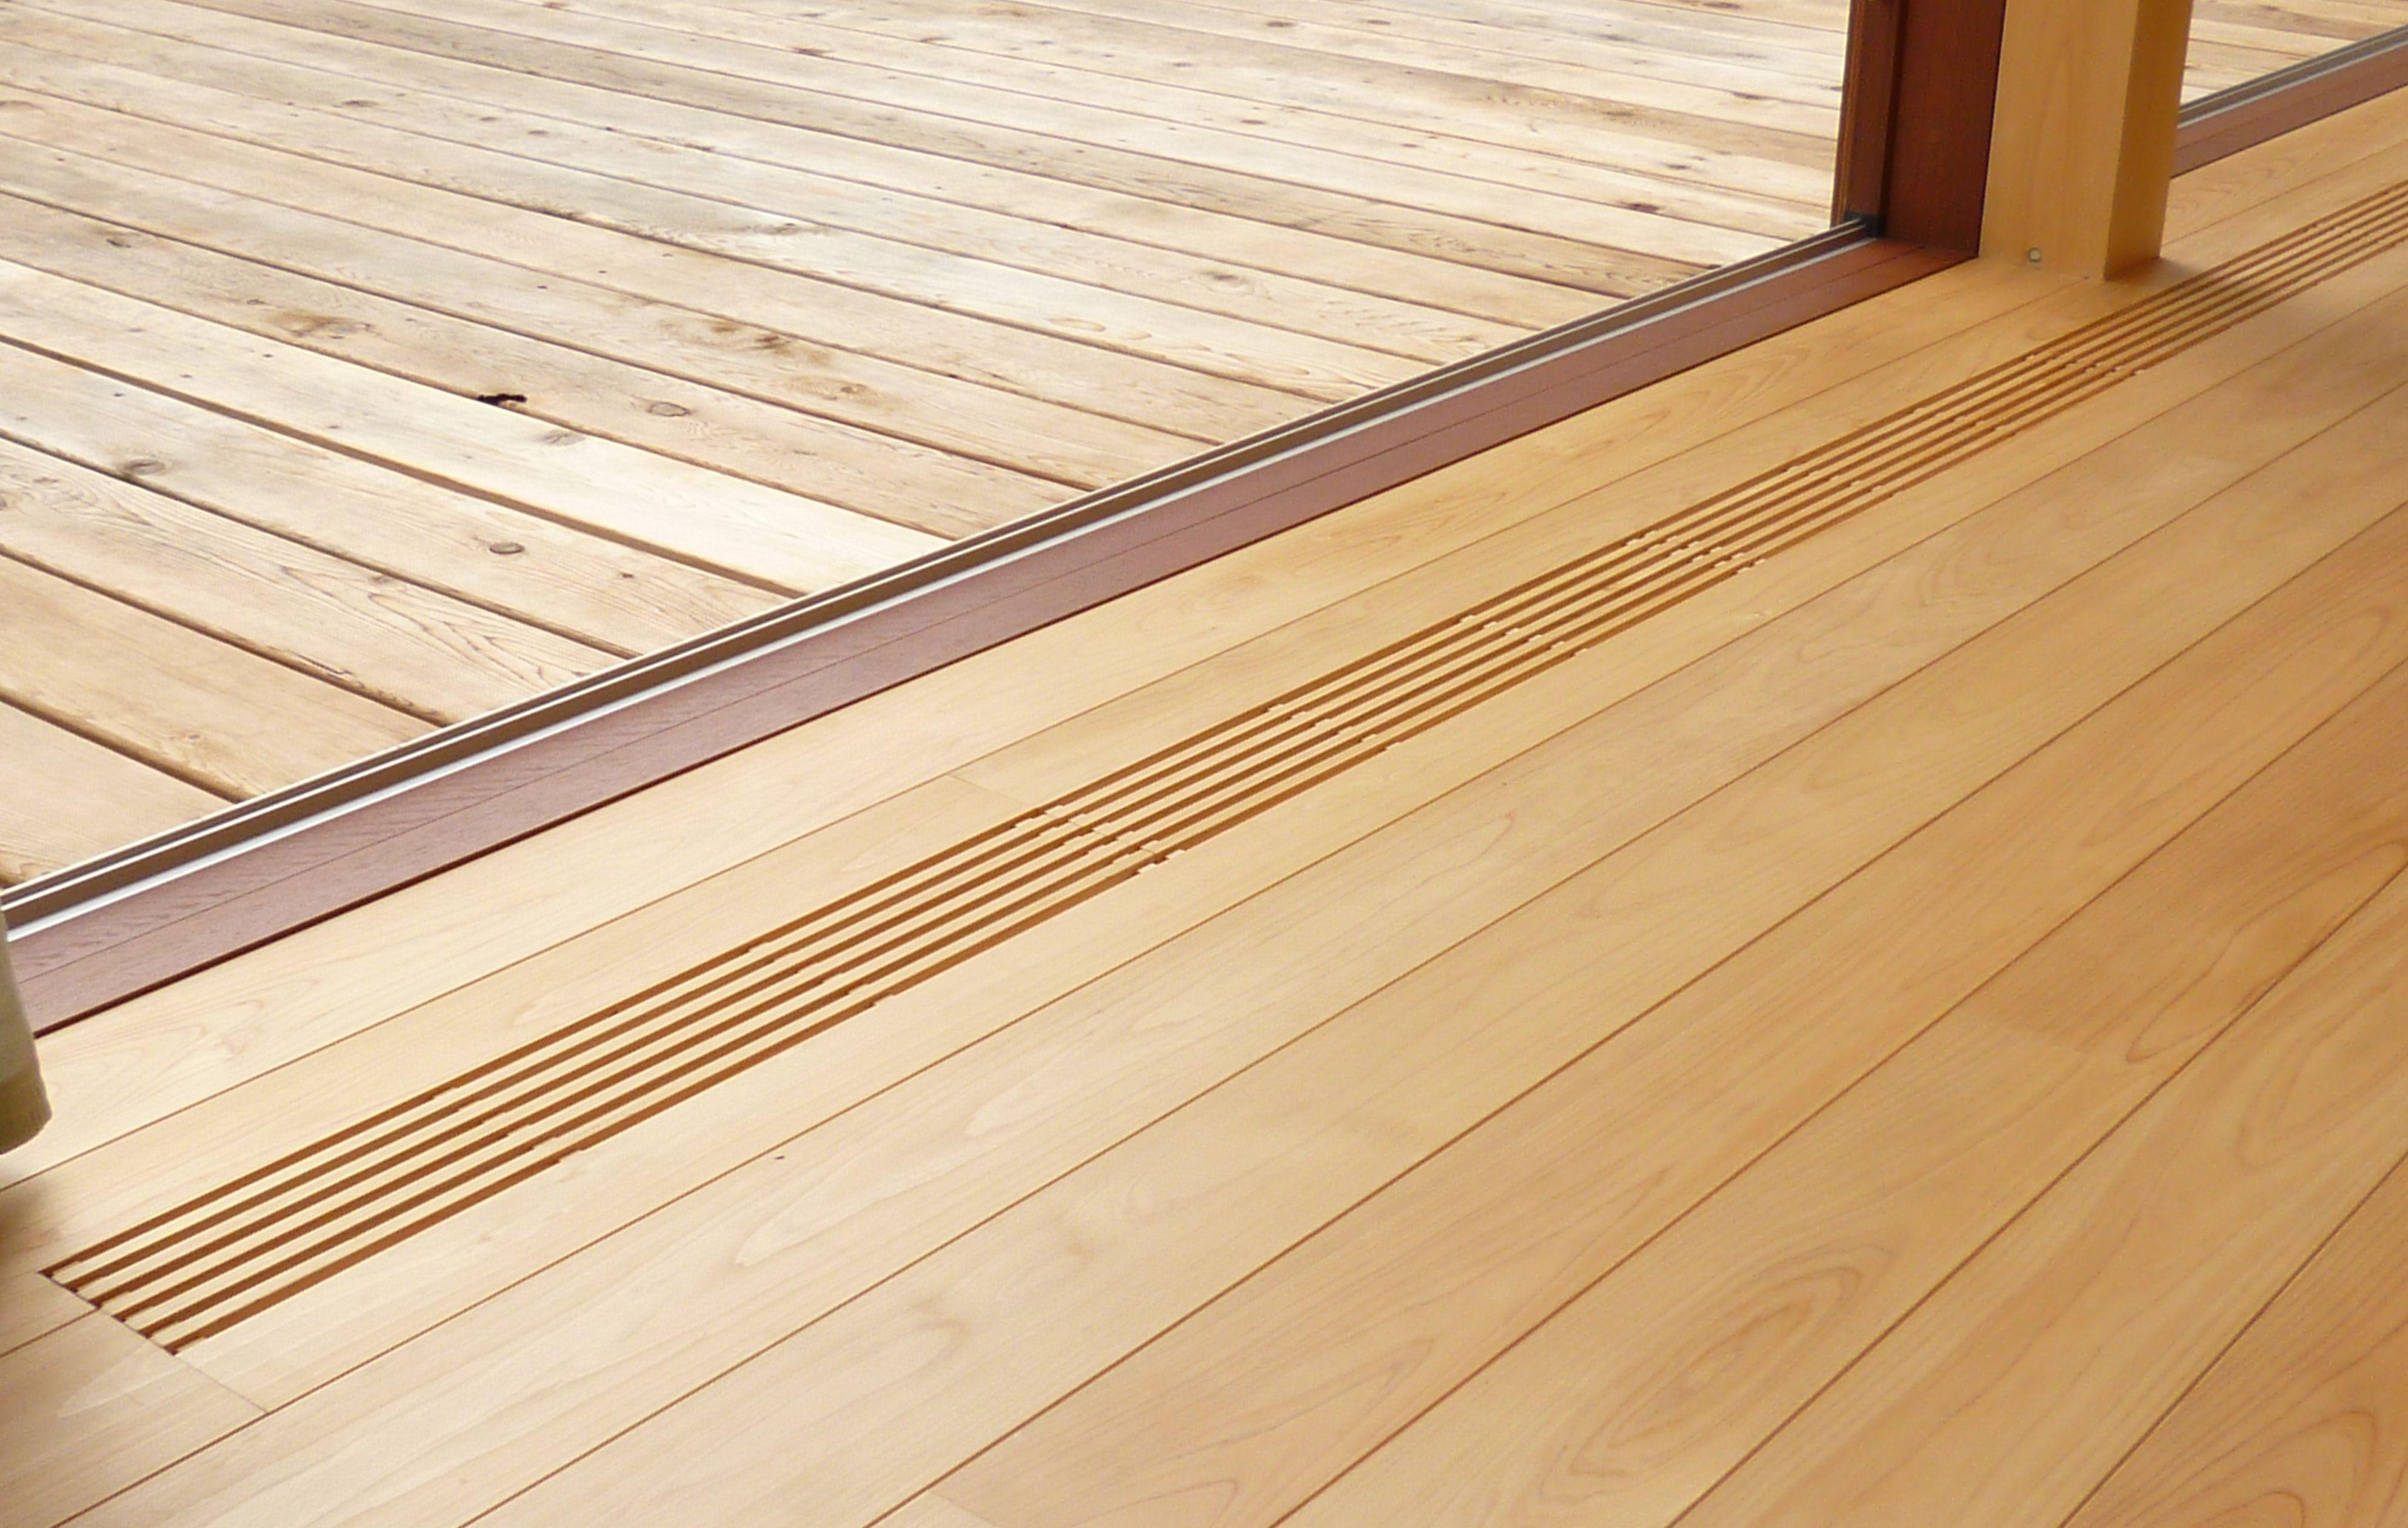 イマガワ 国産ヒノキでつくる床通気口を発売 画像あり 床